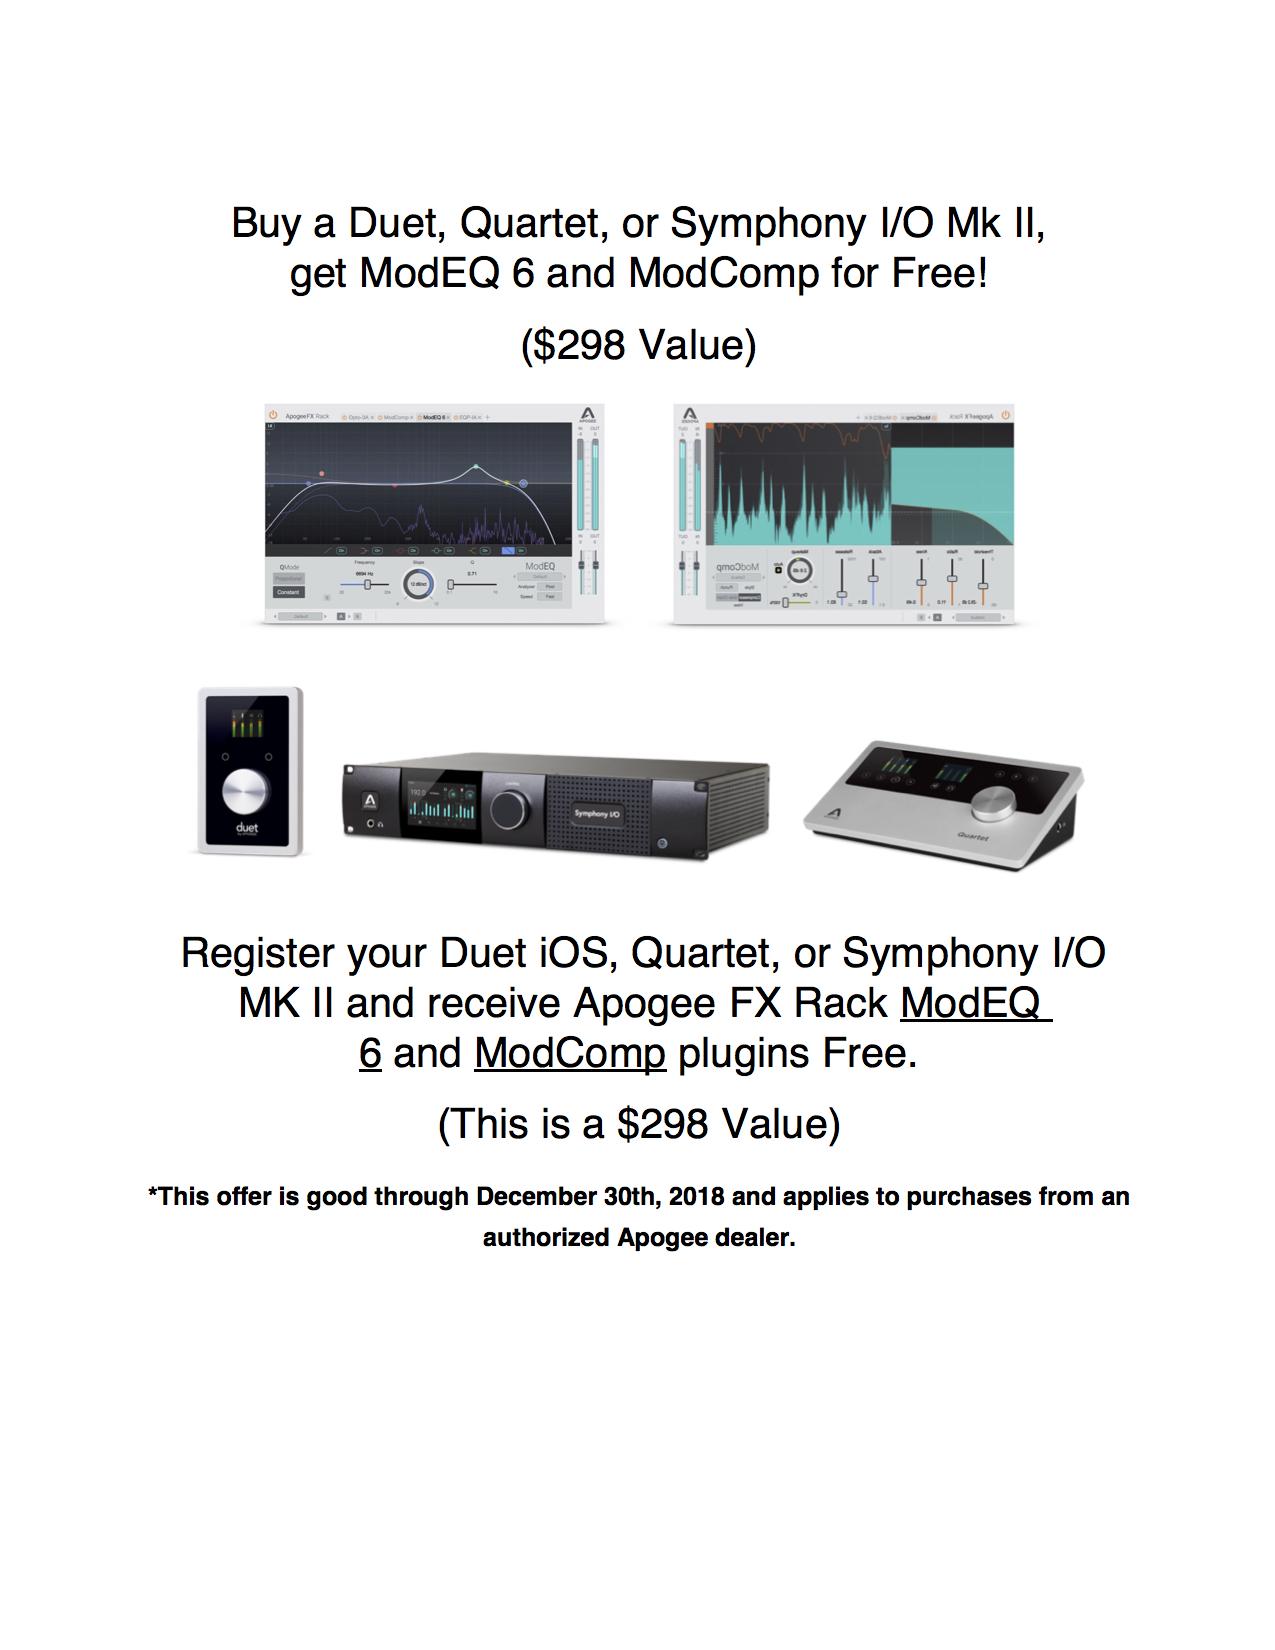 Apogee FX Rack for Duet, Quartet and Symphony I/O